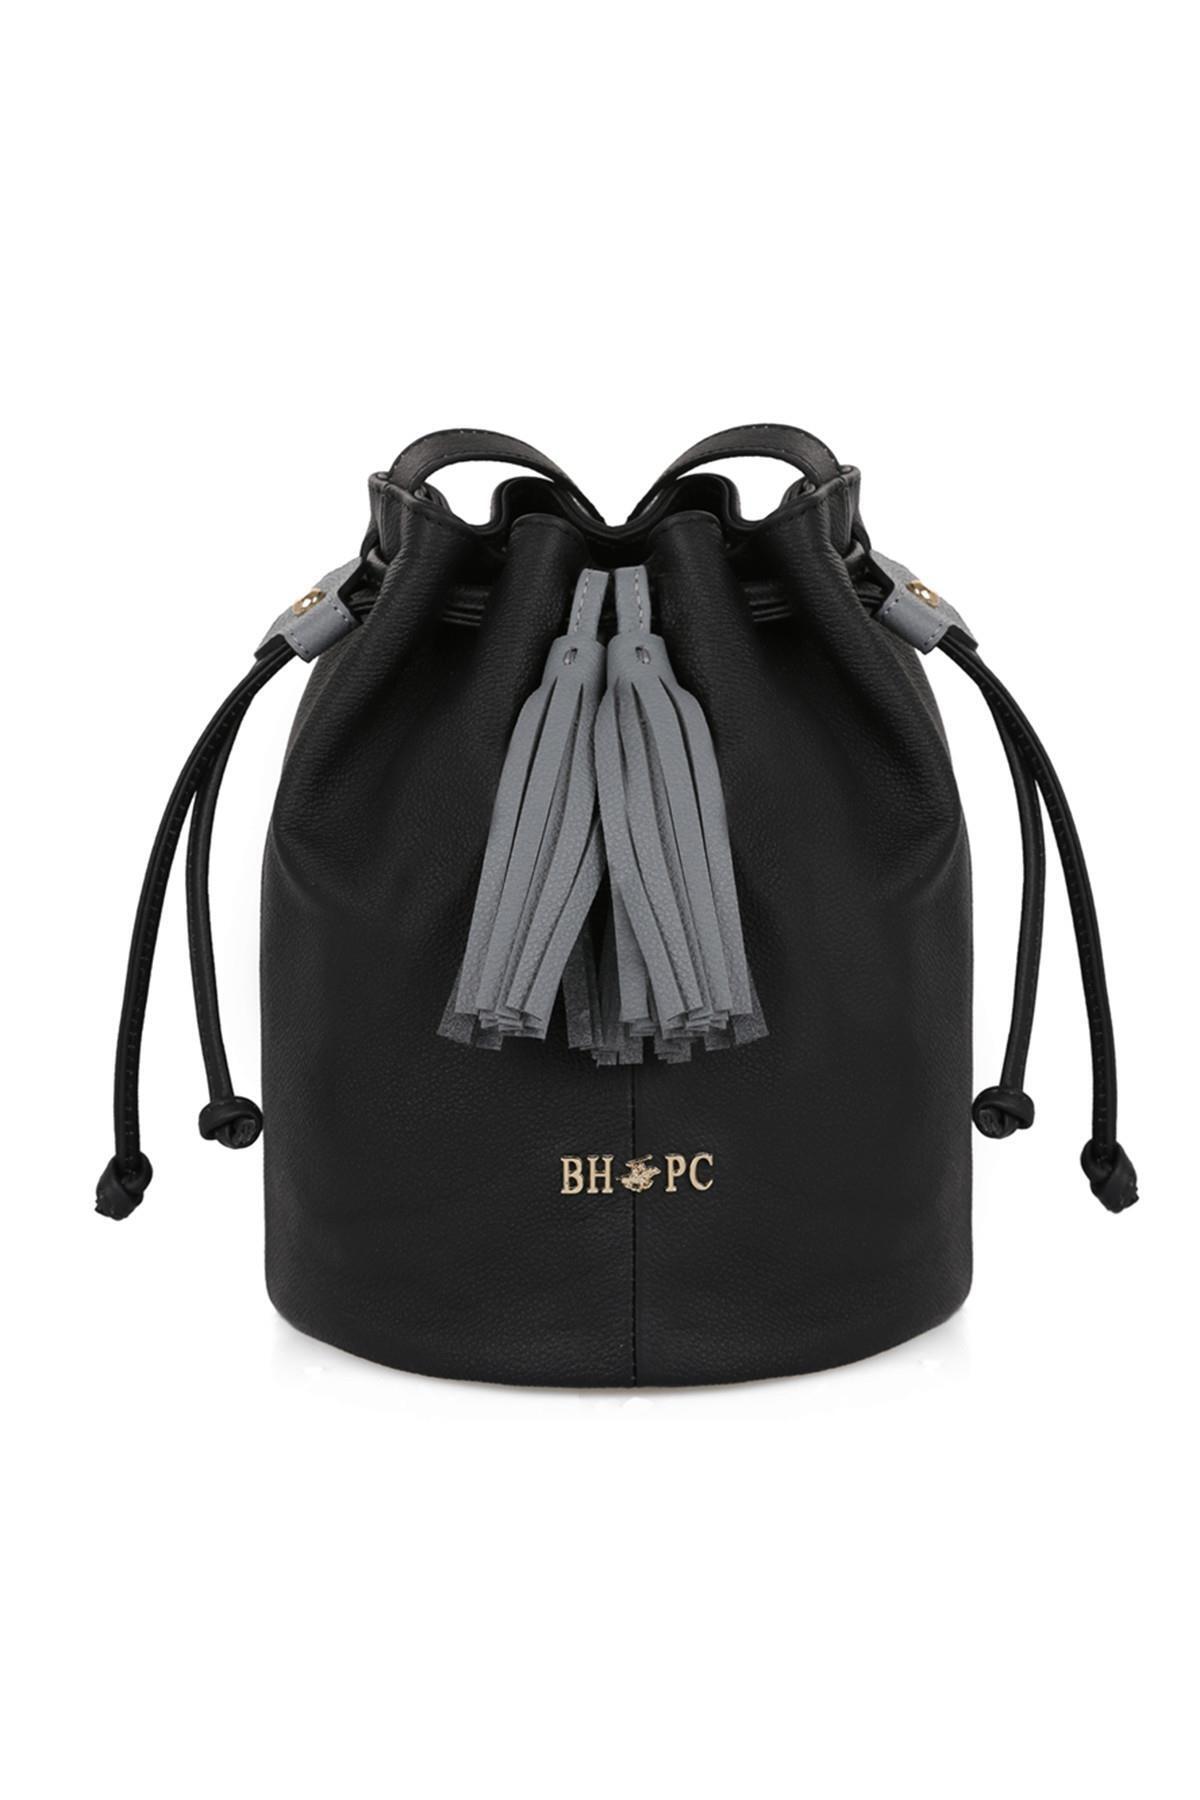 Beverly Hills Polo Club Kadın Hakiki Deri Püskül Detaylı Büzgülü Omuz Çantası Siyah 1